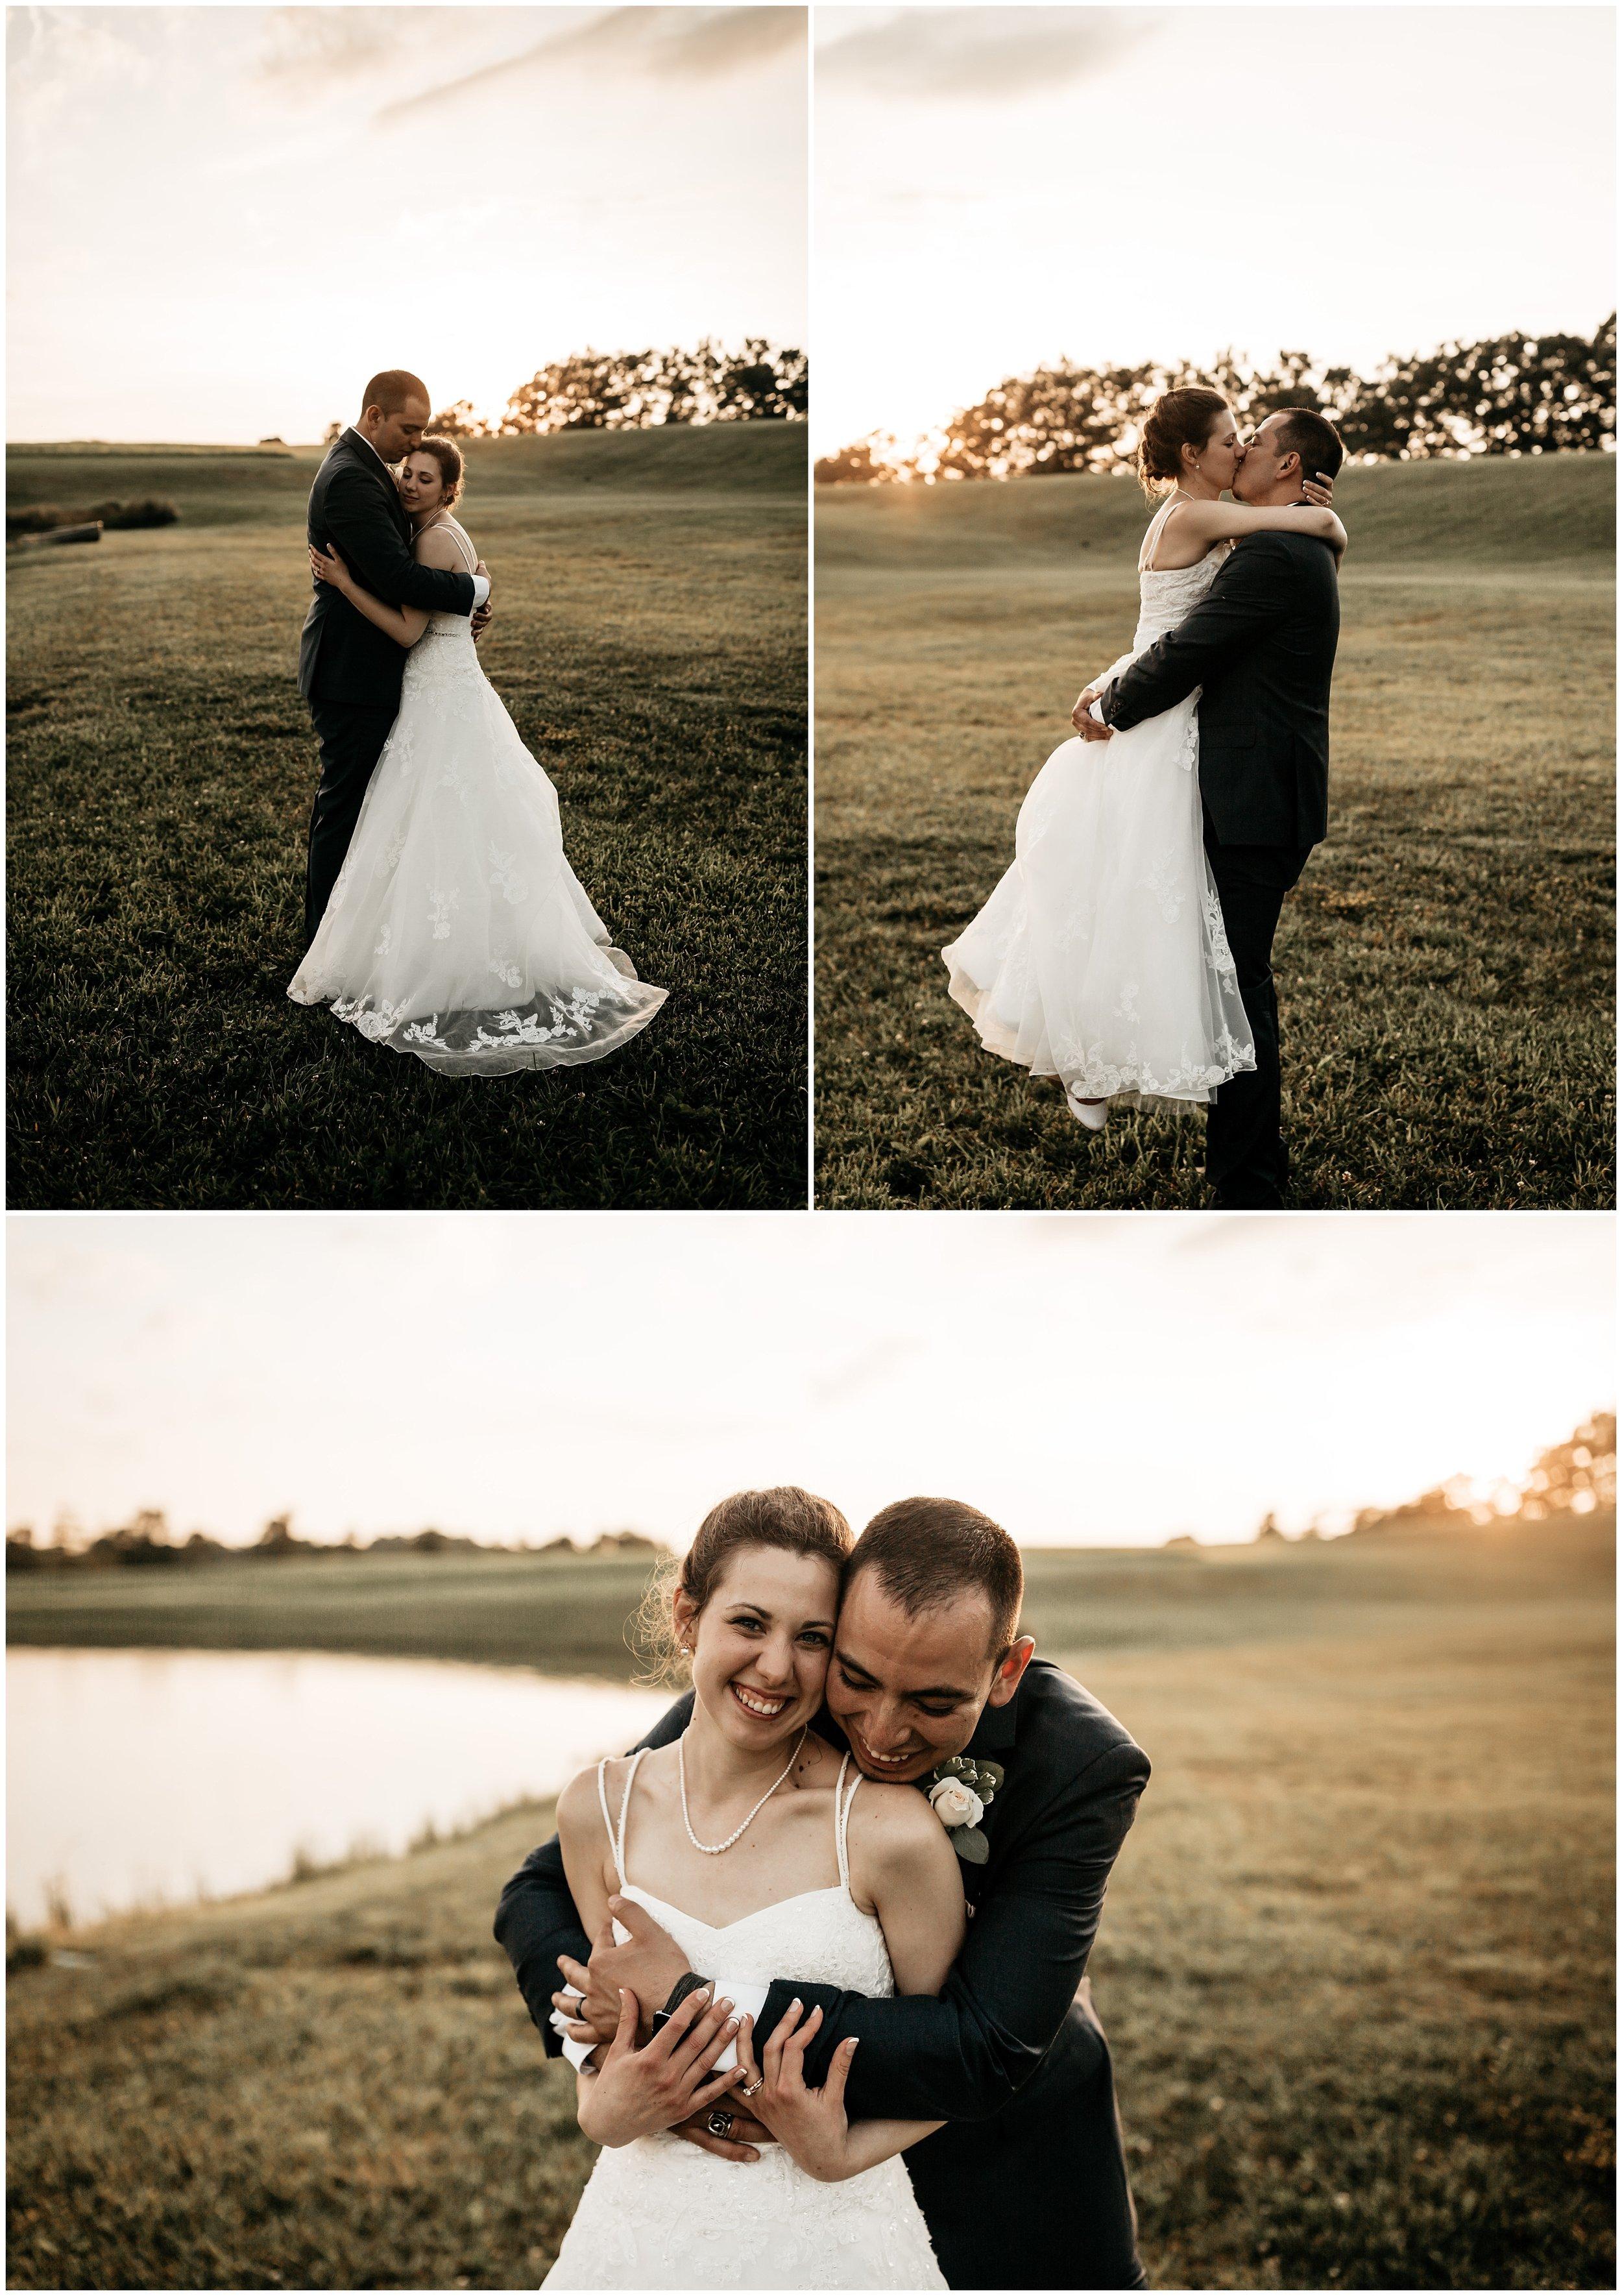 whitebarnprospectweddingphotos_0032.jpg